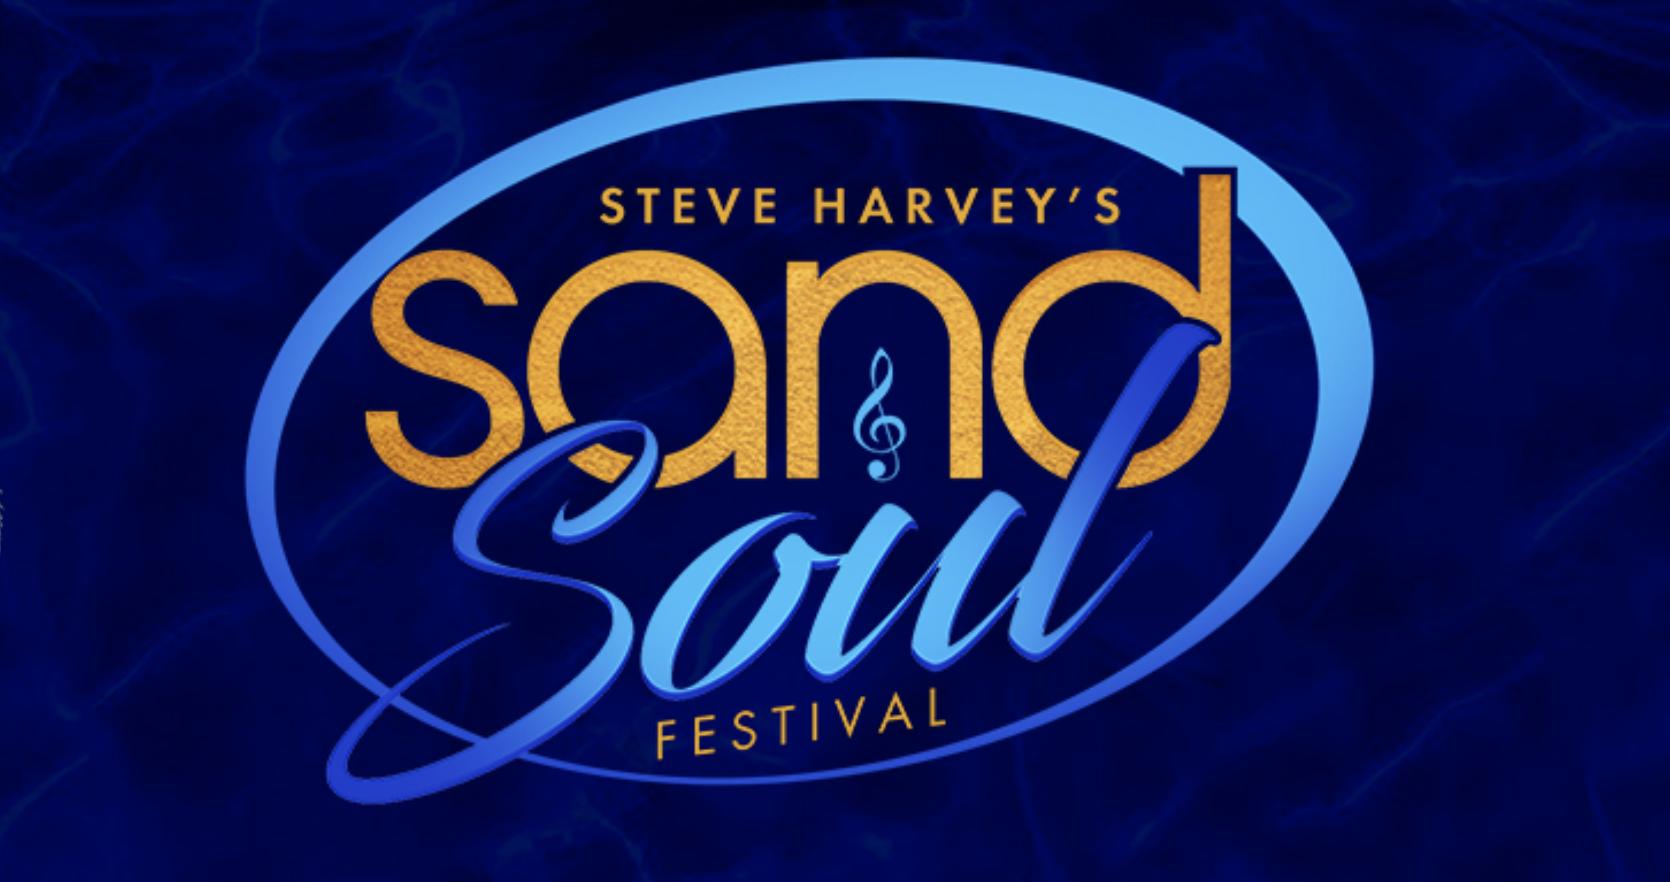 Steve Harvey Sand & Soul Festival 2020